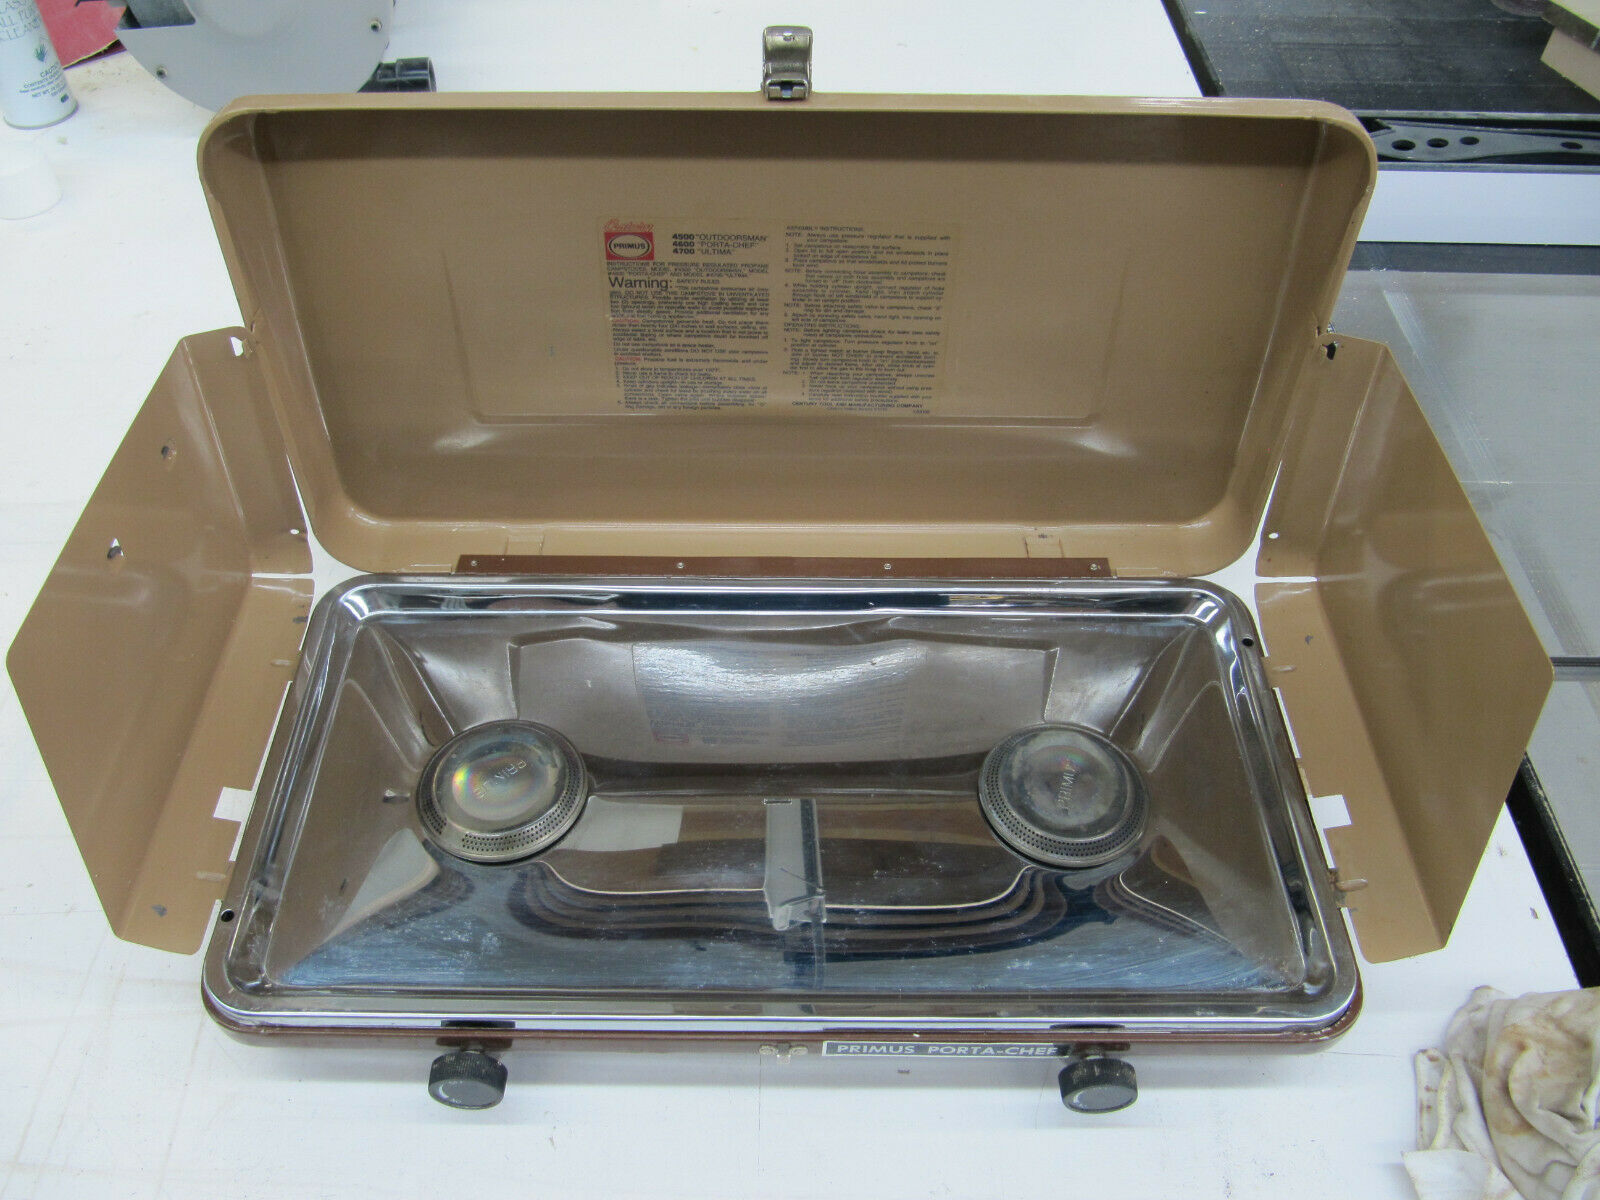 Vintage Primus Porta-Chef Propane Camping Portable Cook Stove  4600  unique design